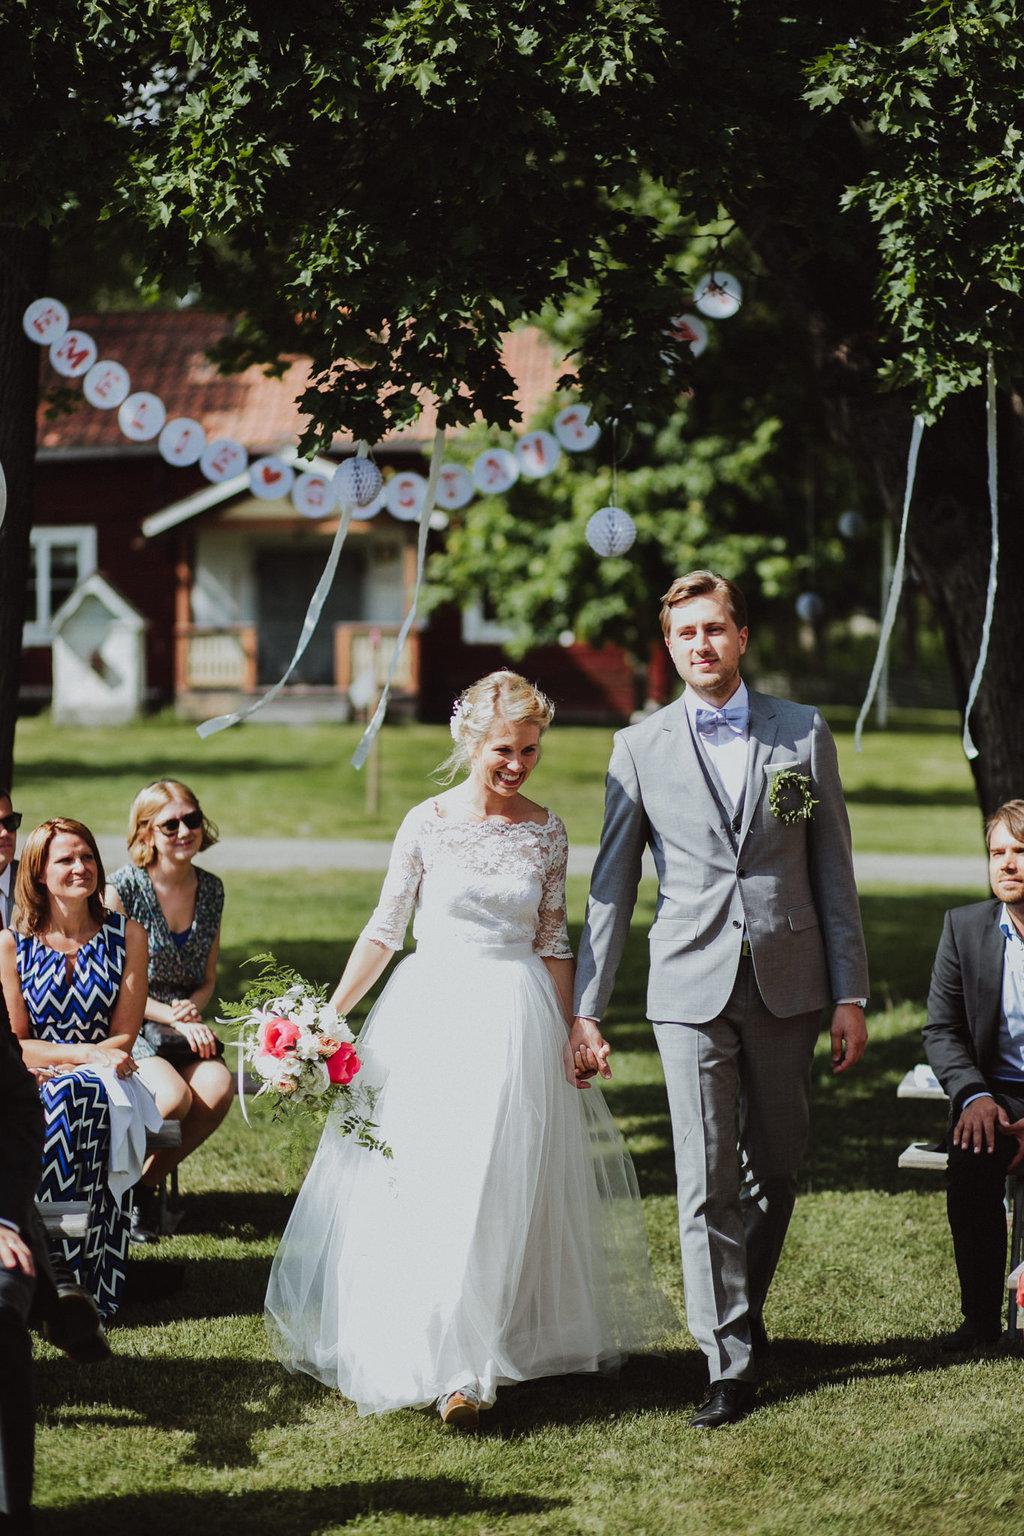 140607_wedding_emelie_gustav_pp-733.jpg